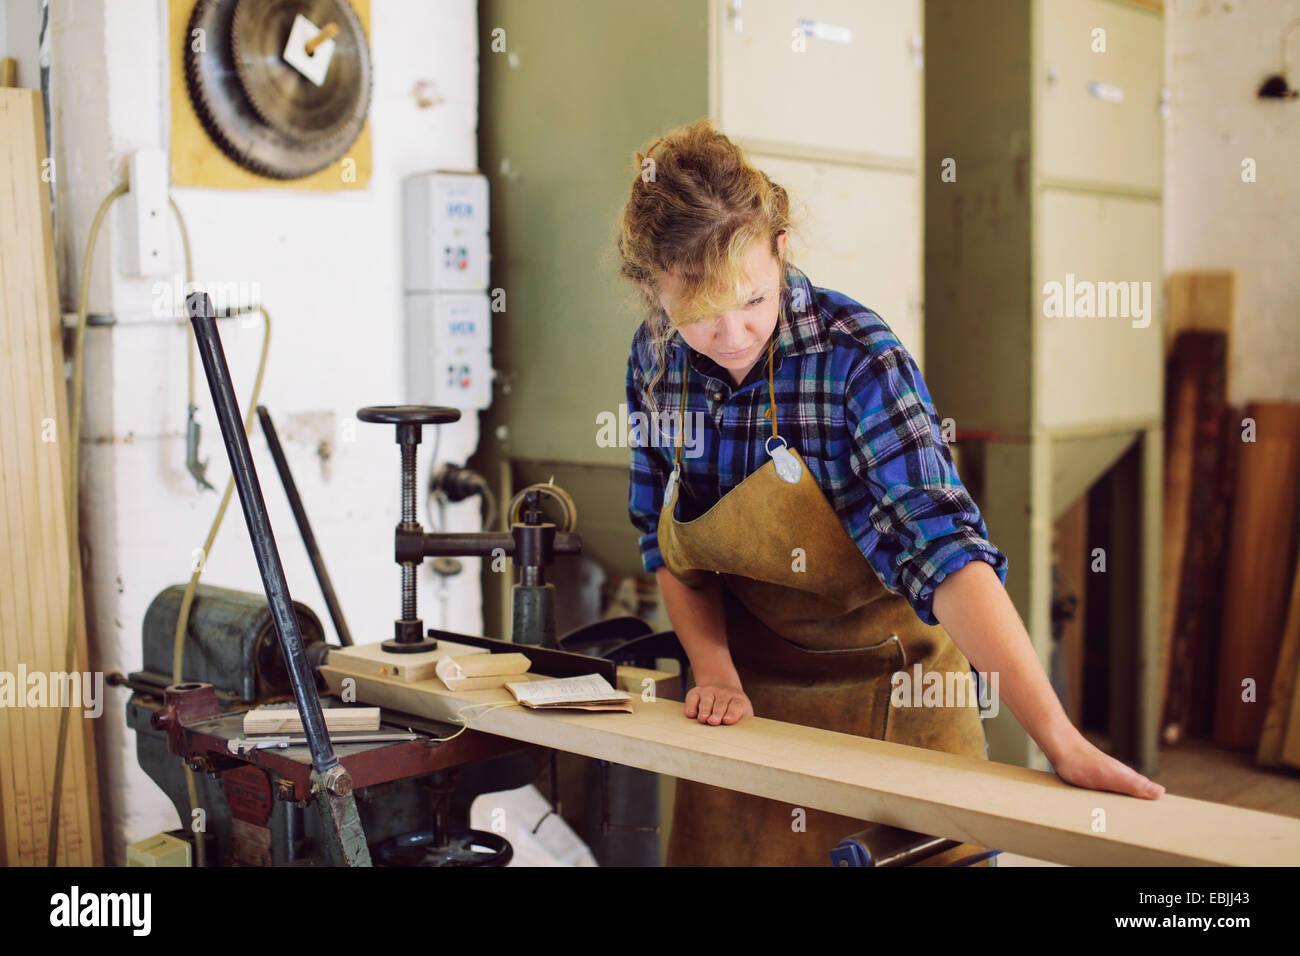 Junge Handwerkerin Holz in Pfeifenorgel Werkstatt überprüfen Stockbild